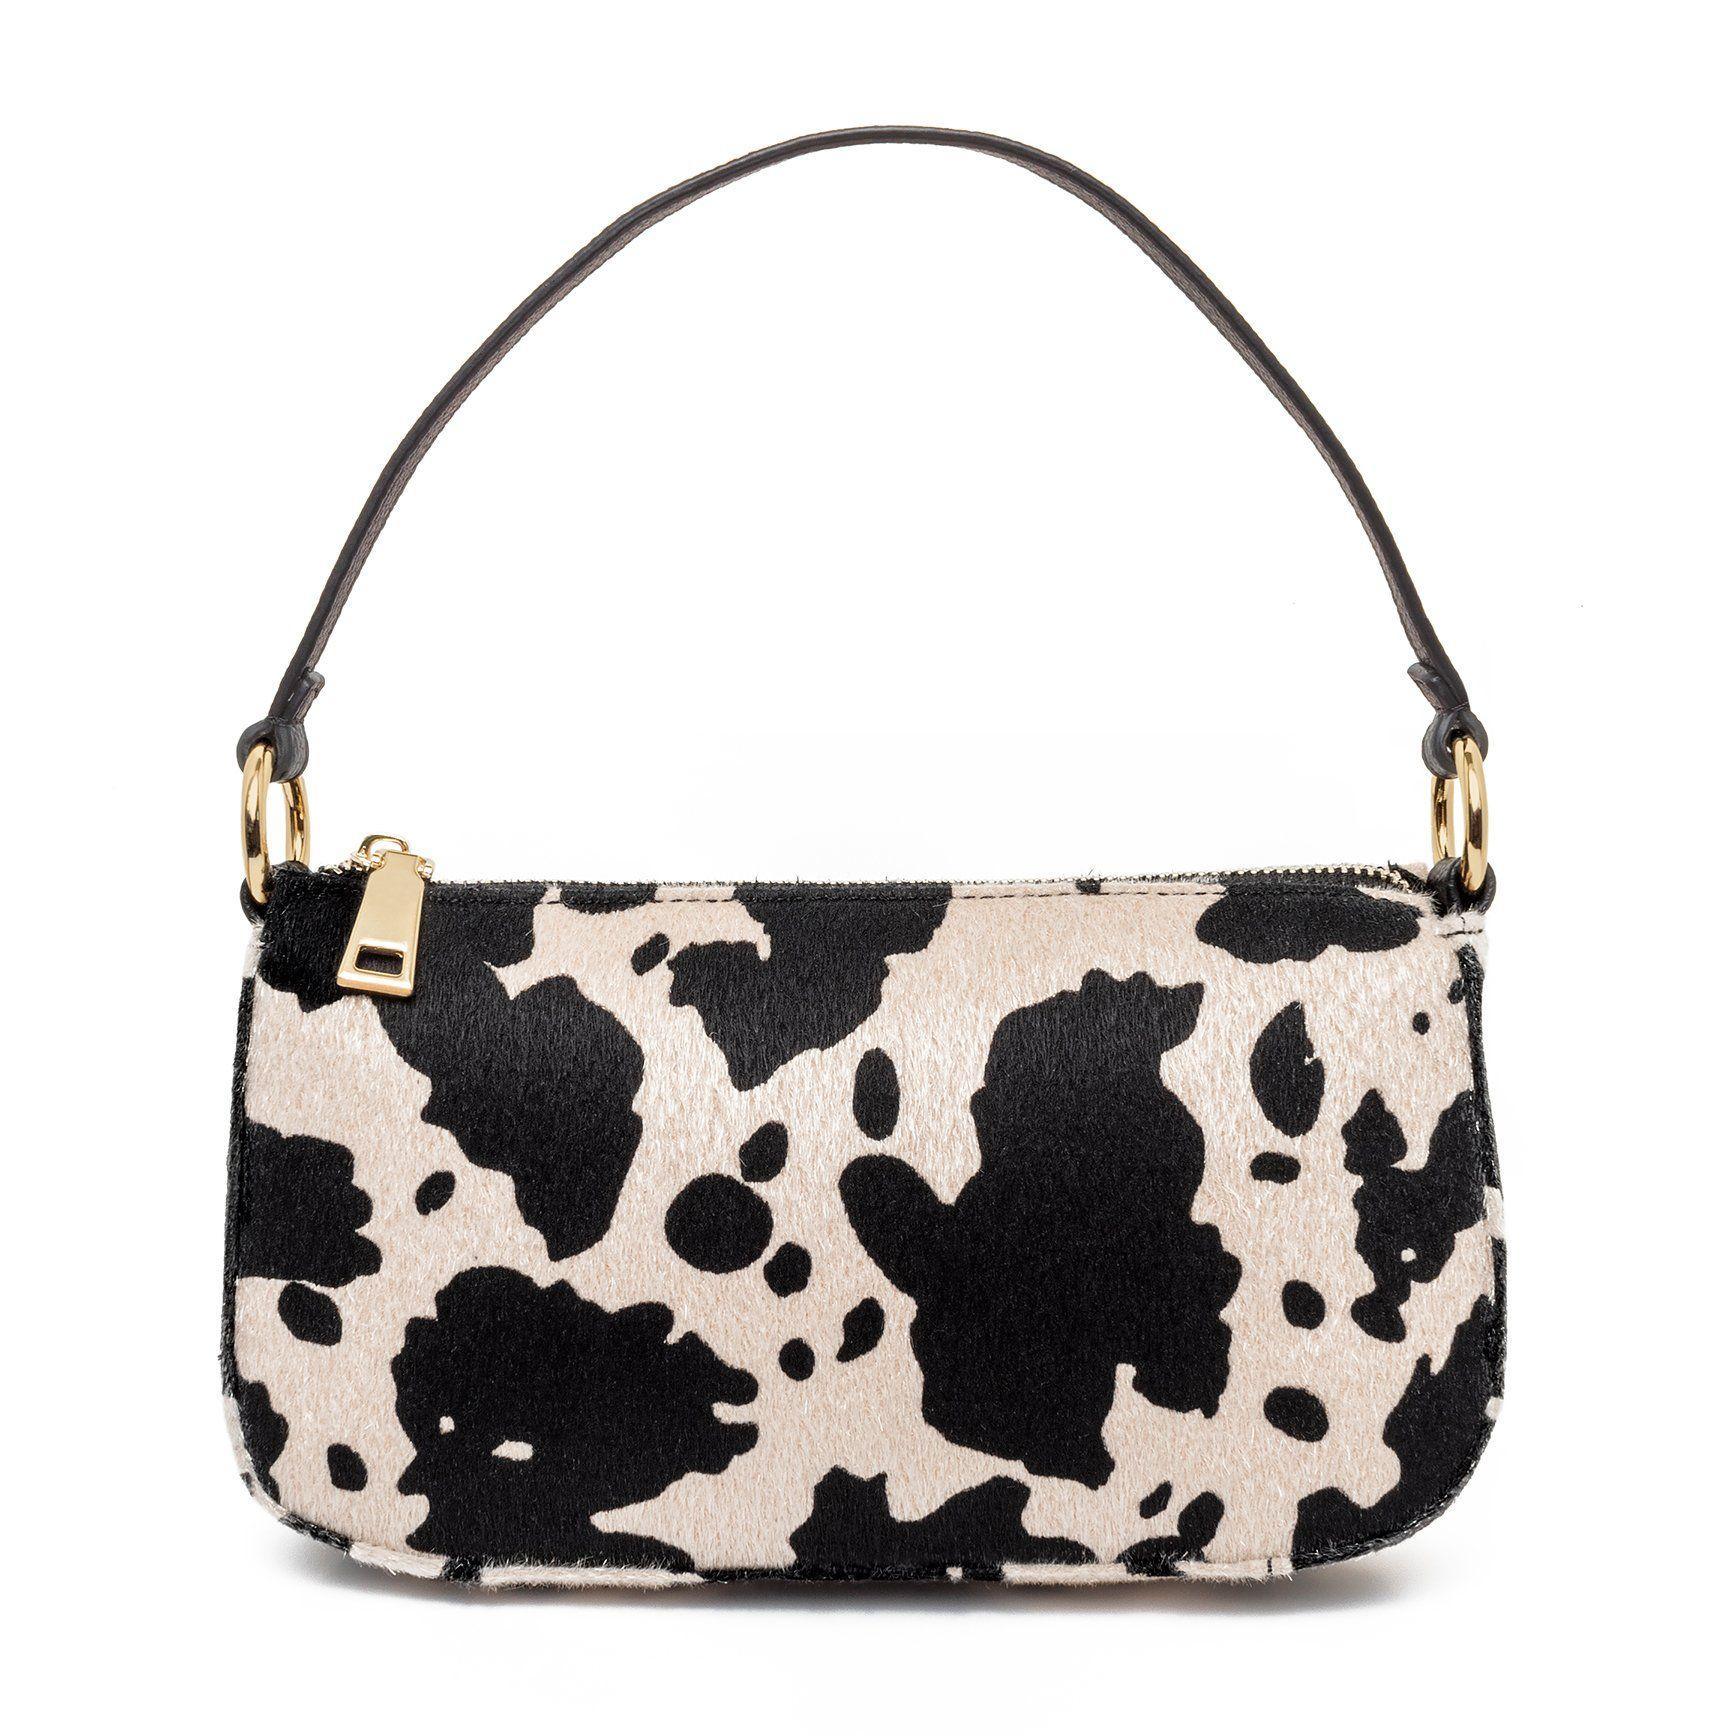 99% Angel Shoulder Bag in Cow Print